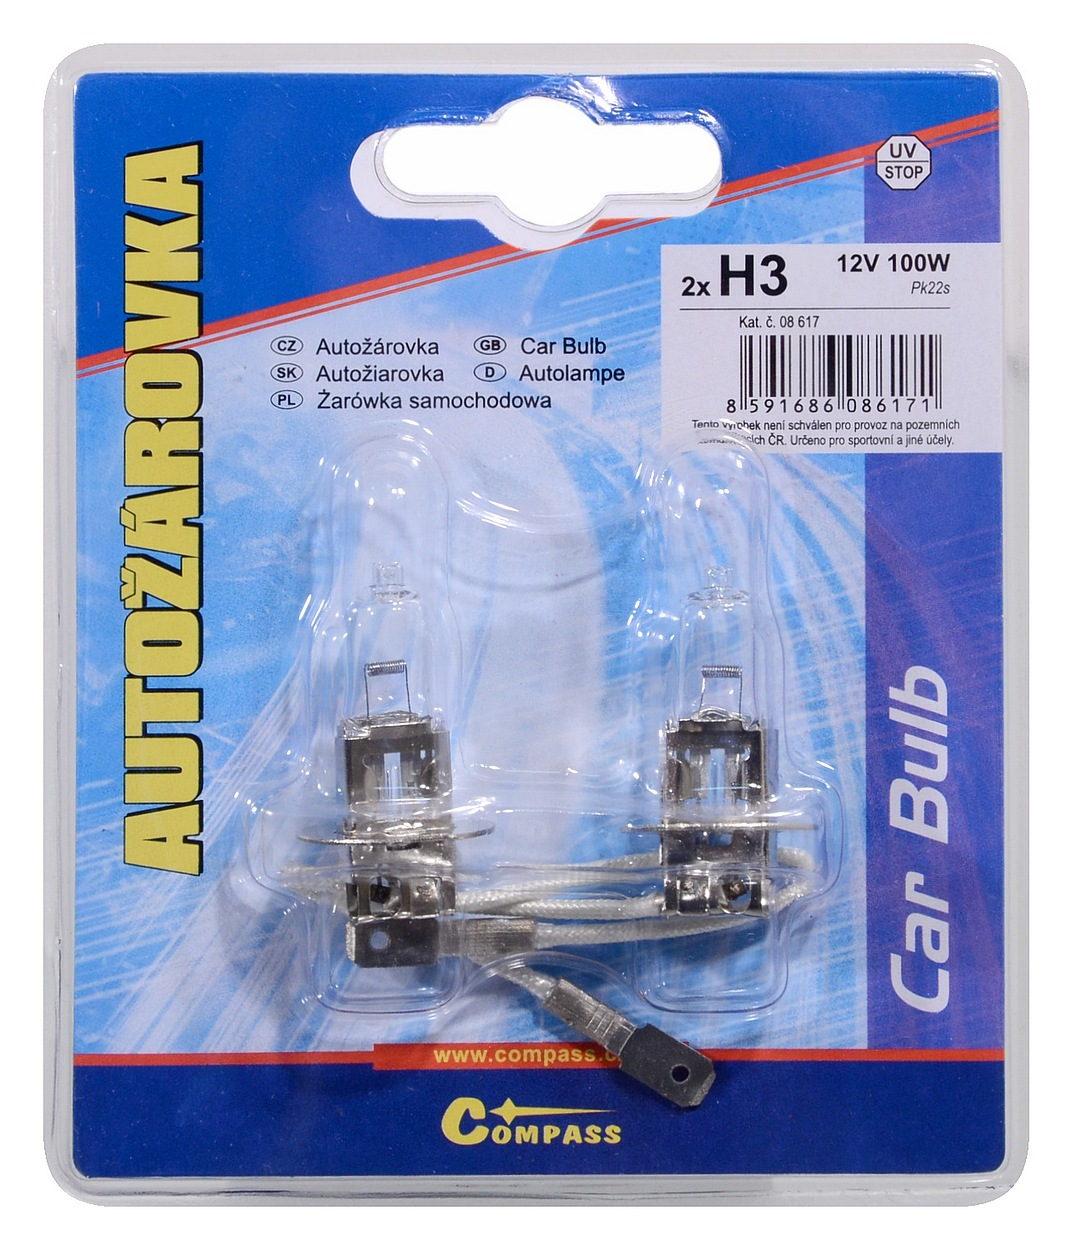 Žárovka 12V H3 100W Pk22s blister 2ks